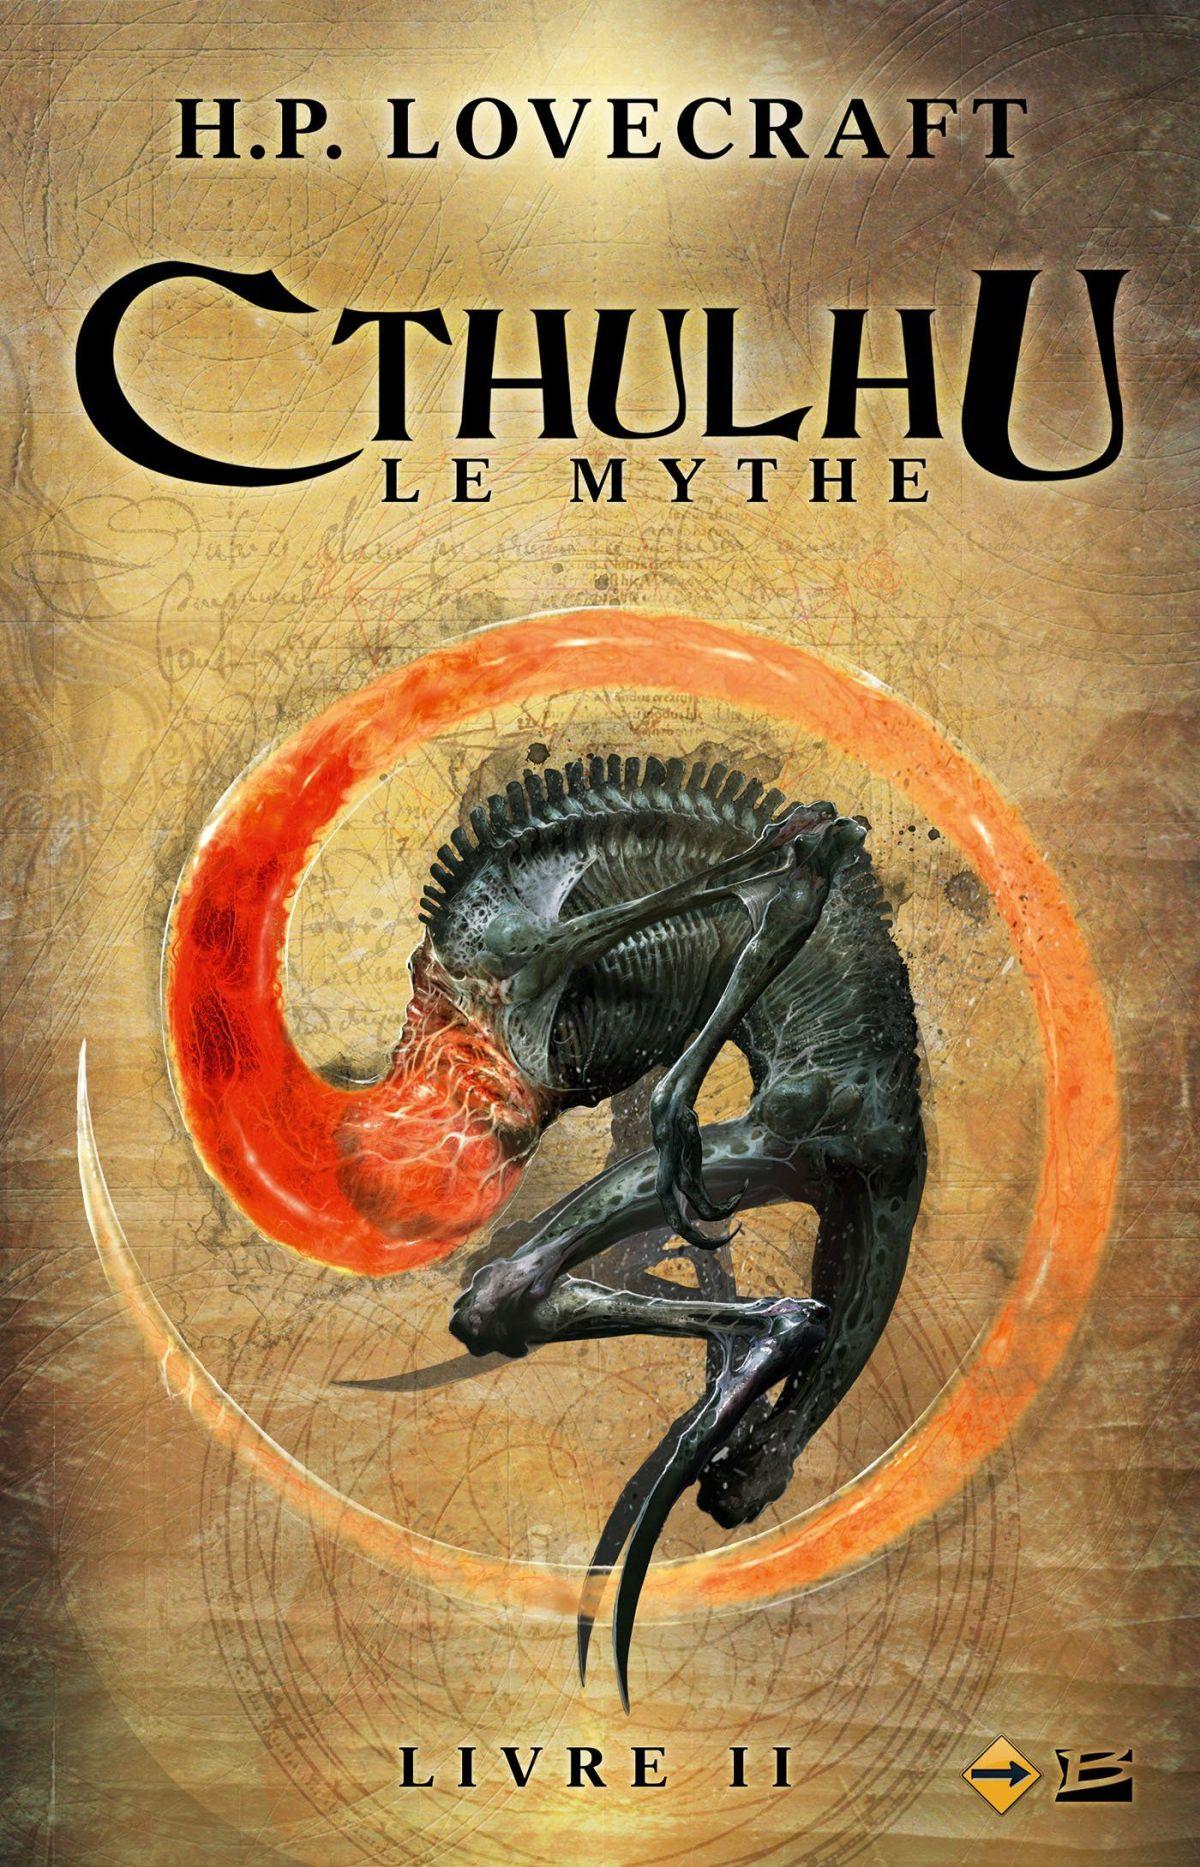 Revue Littéraire : Cthulhu : Le Mythe Livre II par H. P. Lovecraft (Recueil édité parBragelonne)